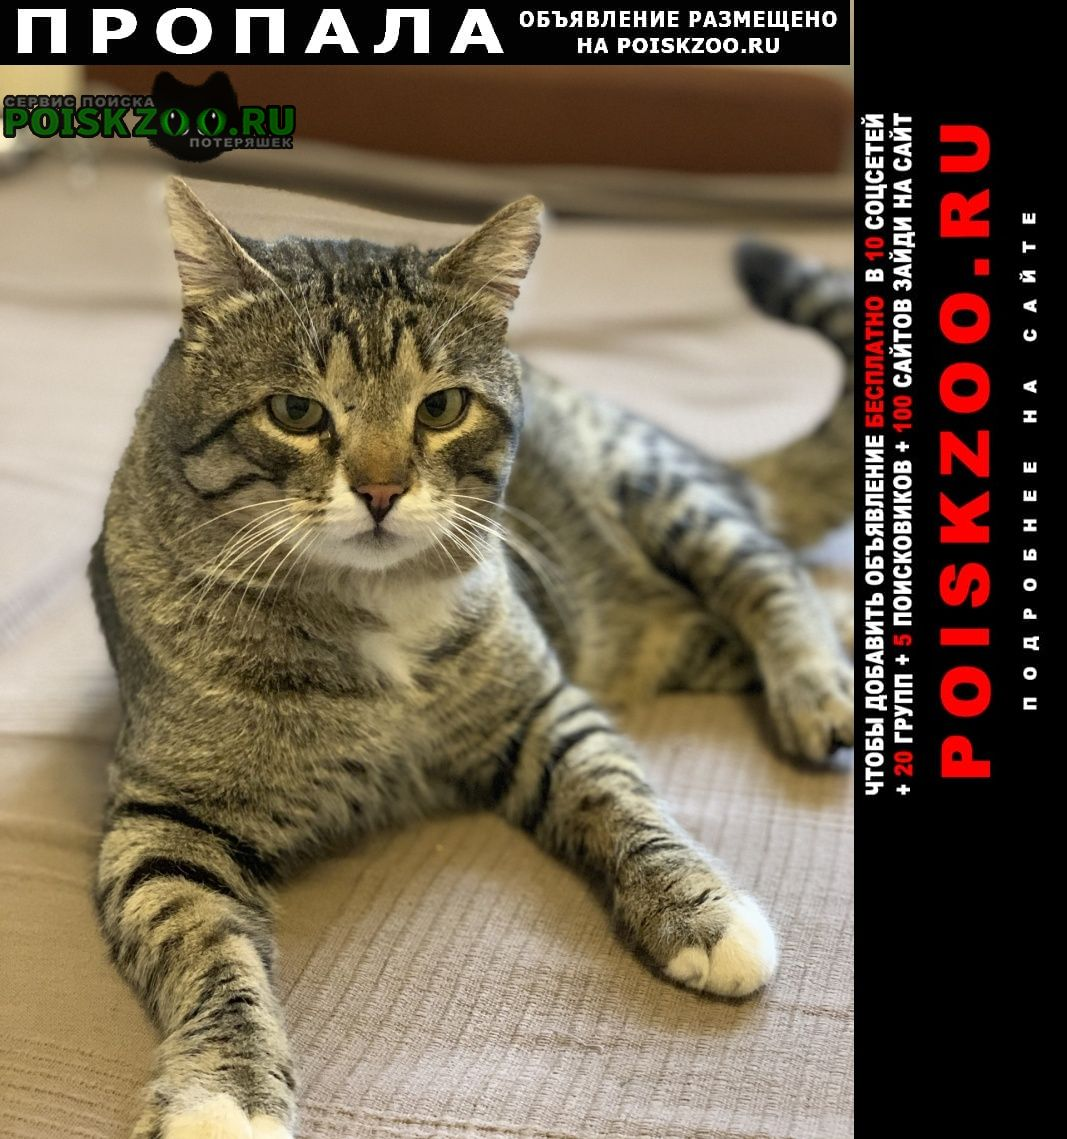 Пропал кот вознаграждение 20000 Ростов-на-Дону